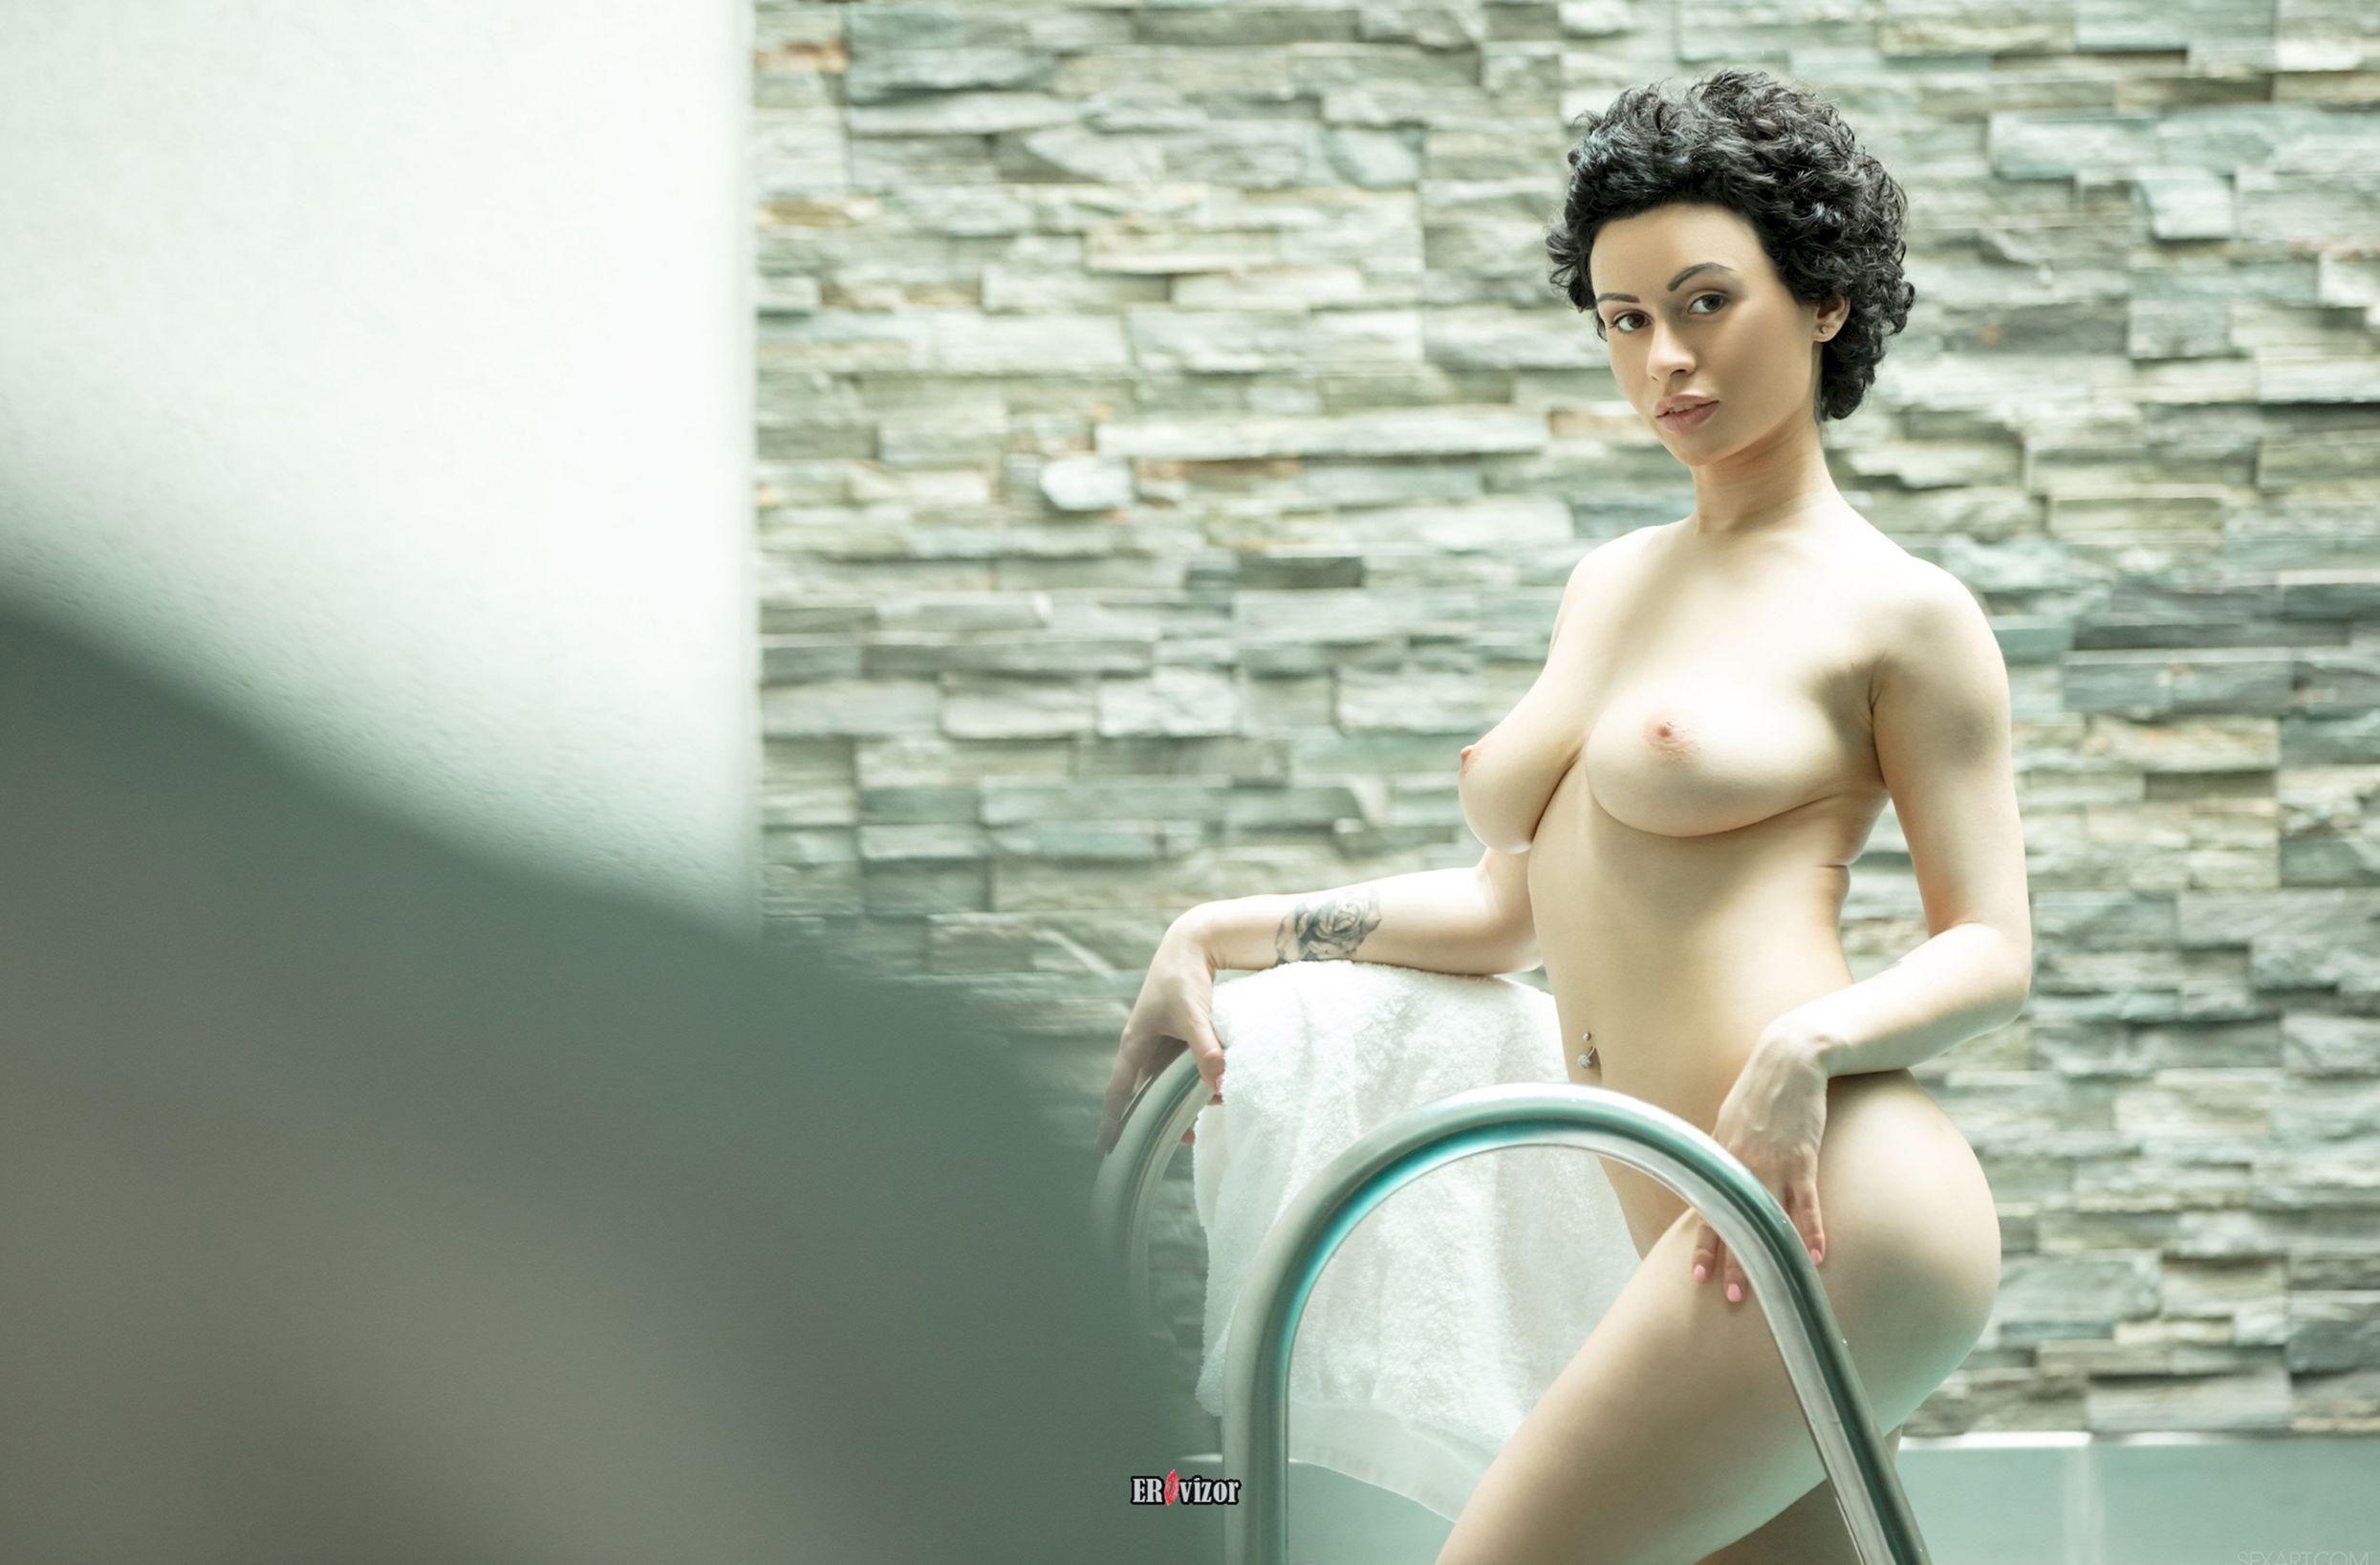 women_bassein_ero (10)